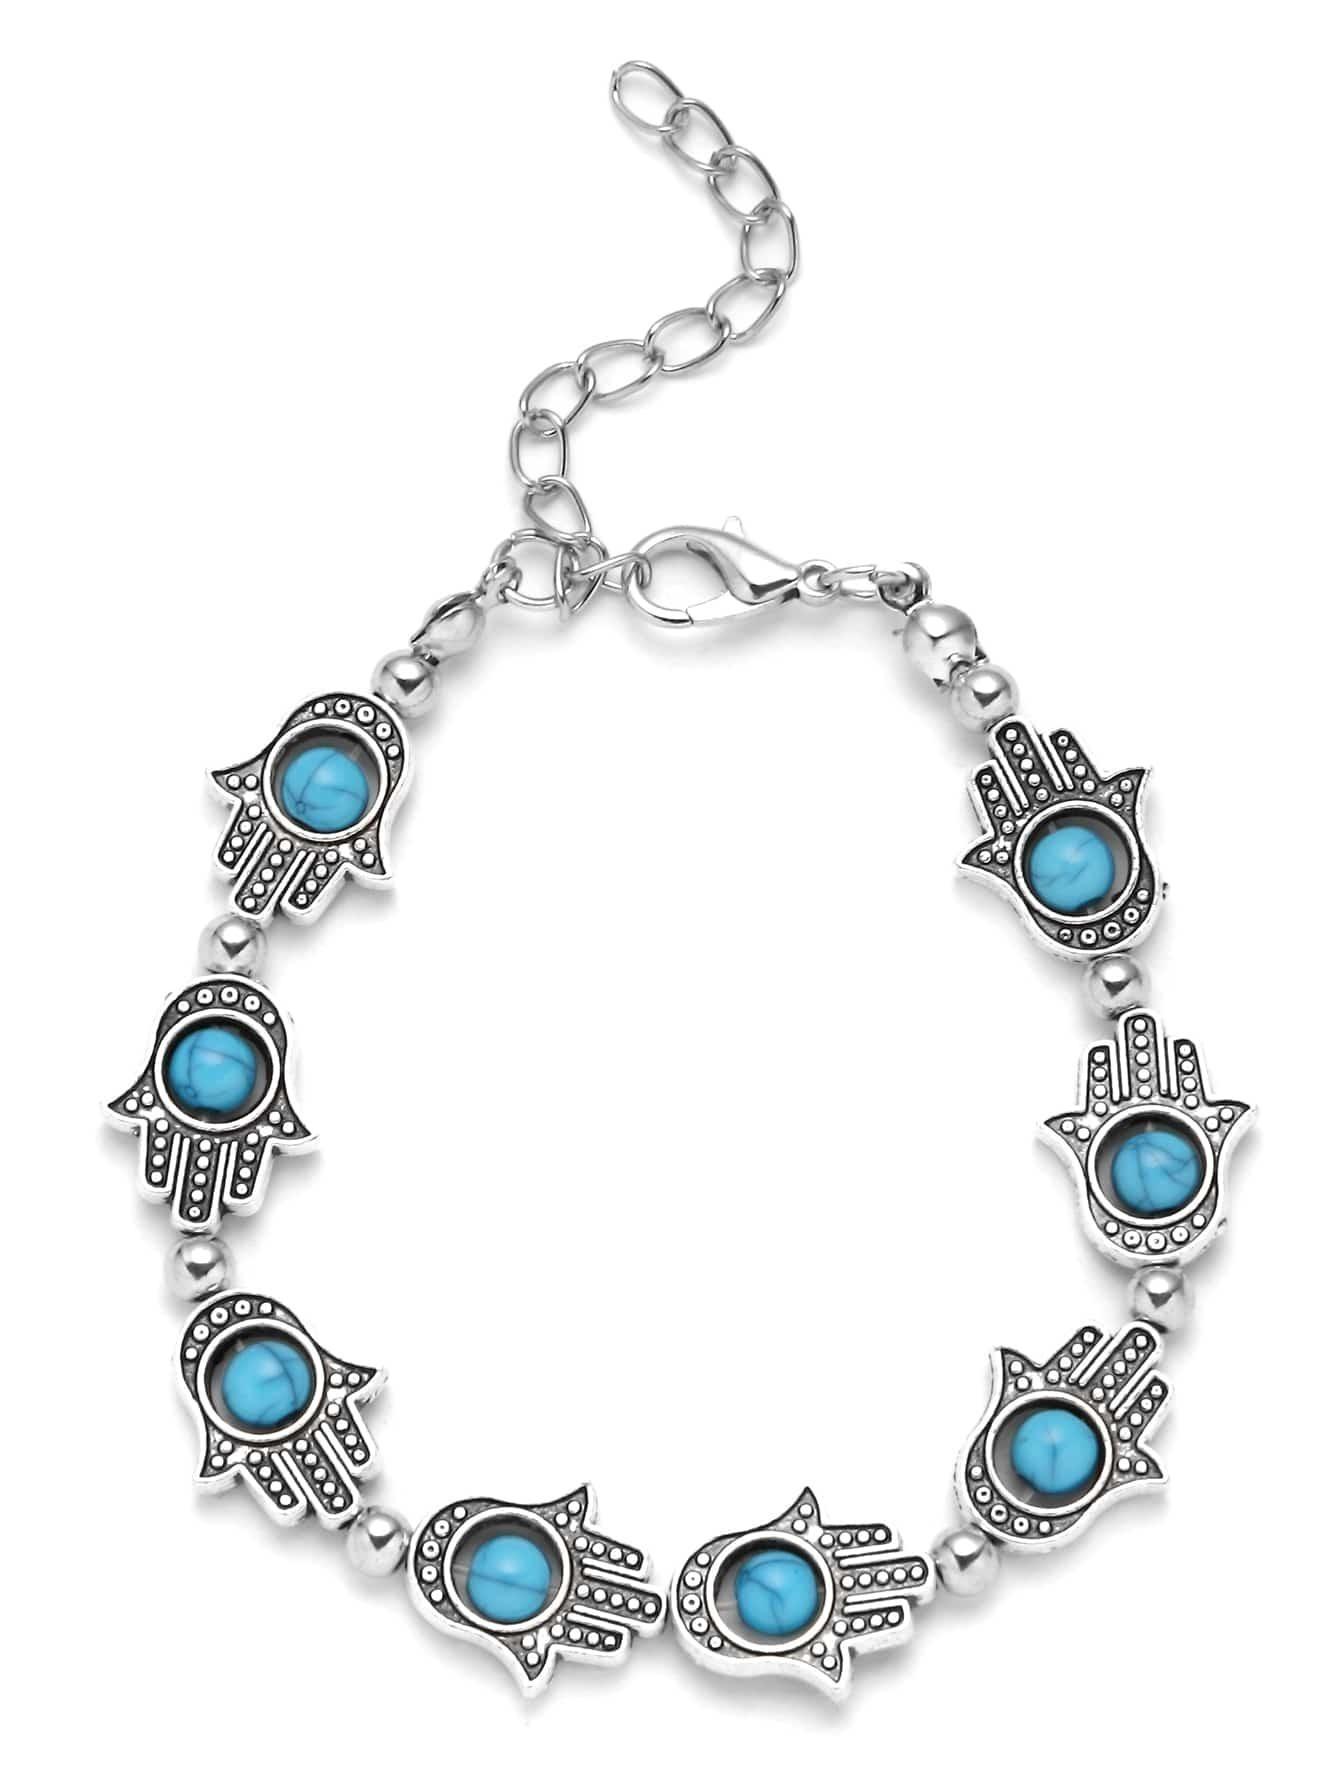 bracelet avec breloque en turquoise argente french romwe With robe fourreau combiné avec bracelet argent breloque